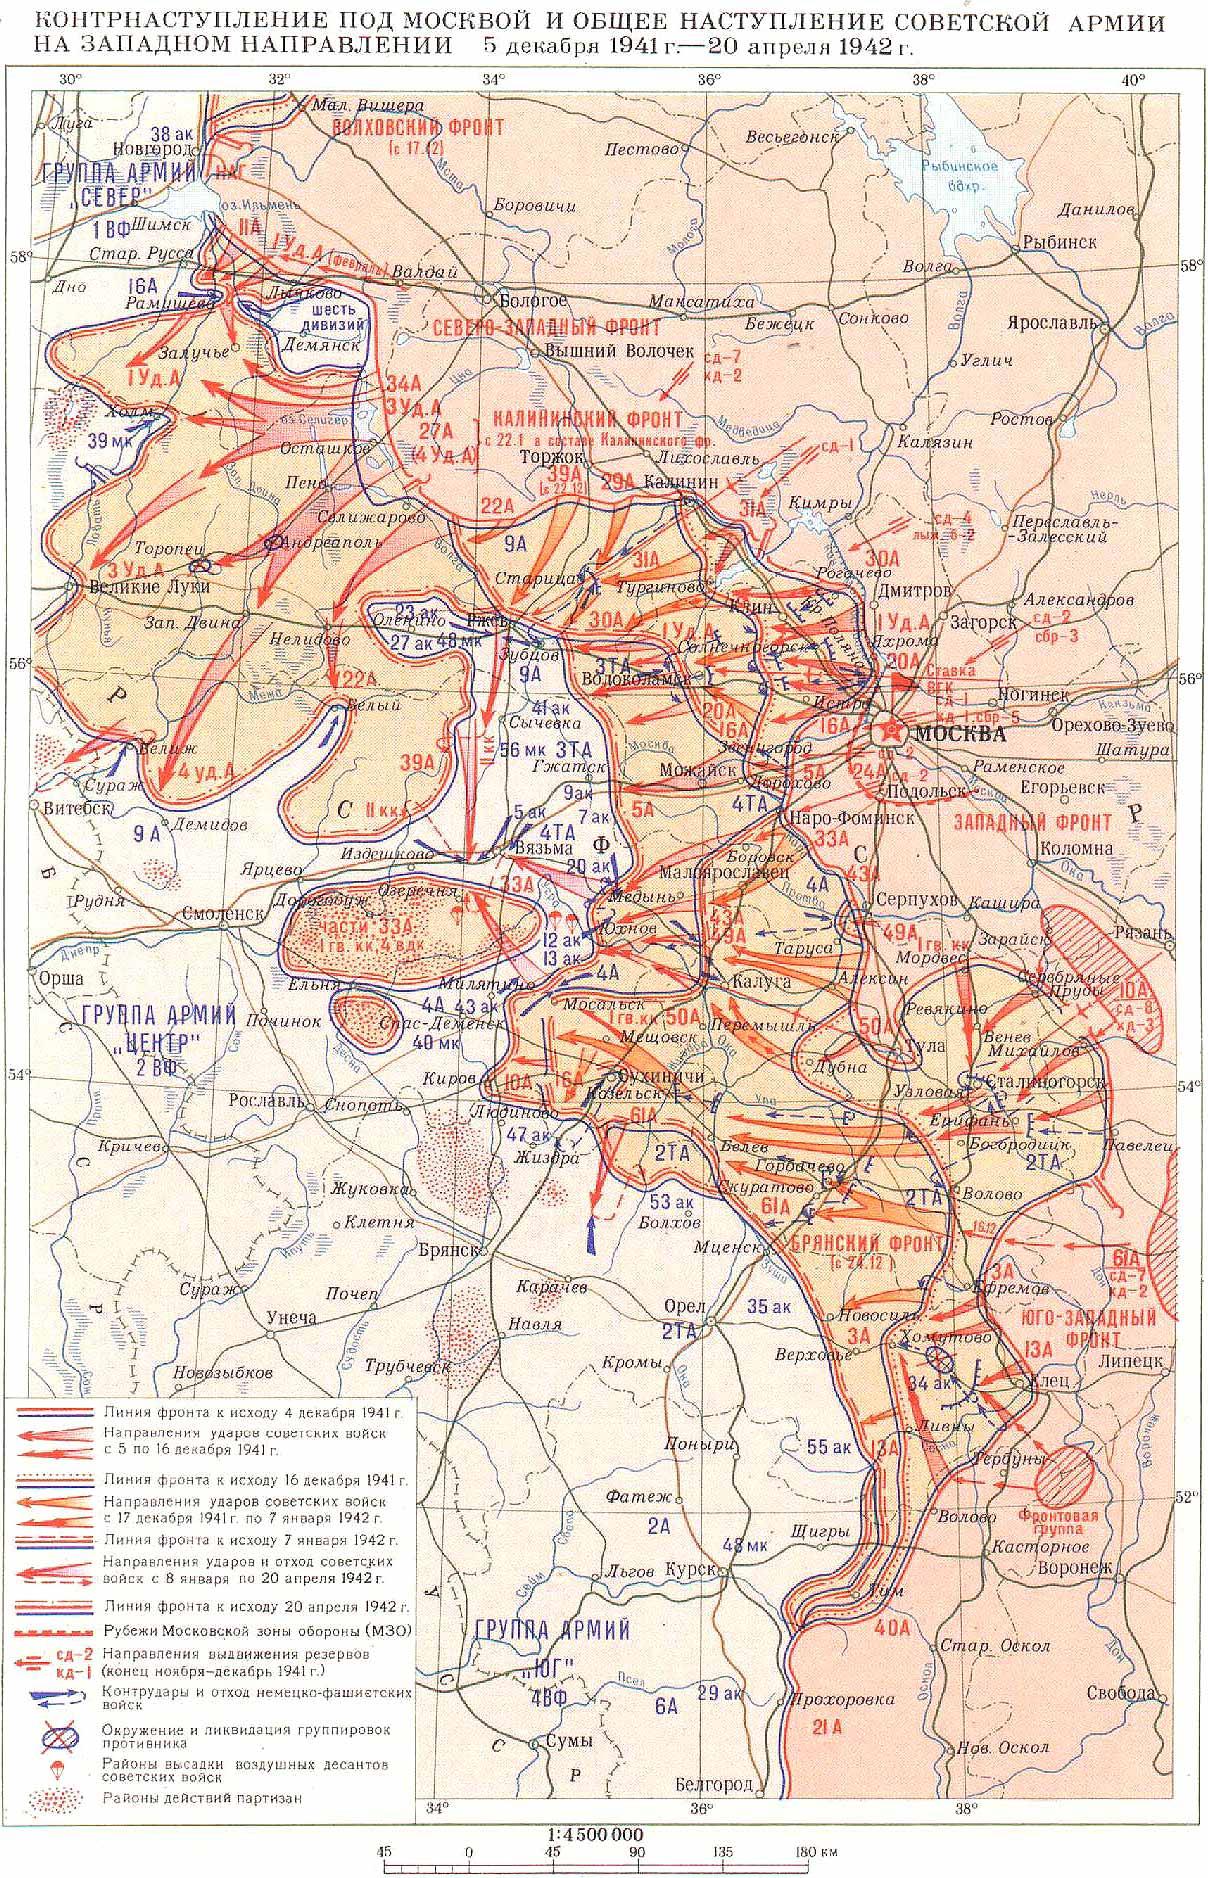 http://www.rkka.ru/maps/moscow1.jpg